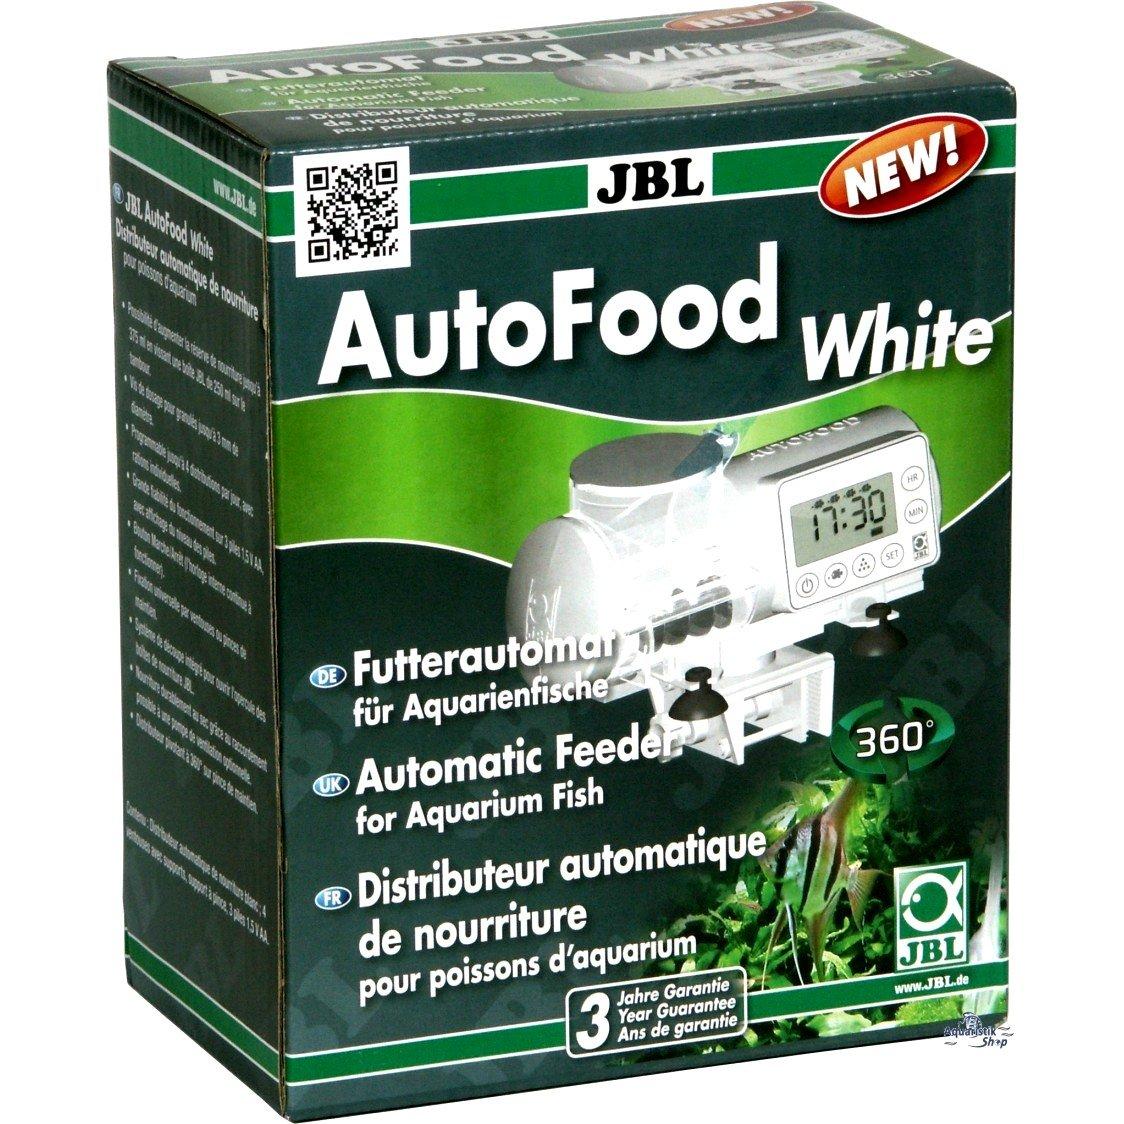 JBL AutoFood BLACK - Distributeur automatique de nourriture noir pour poissons d'aquarium 6061500